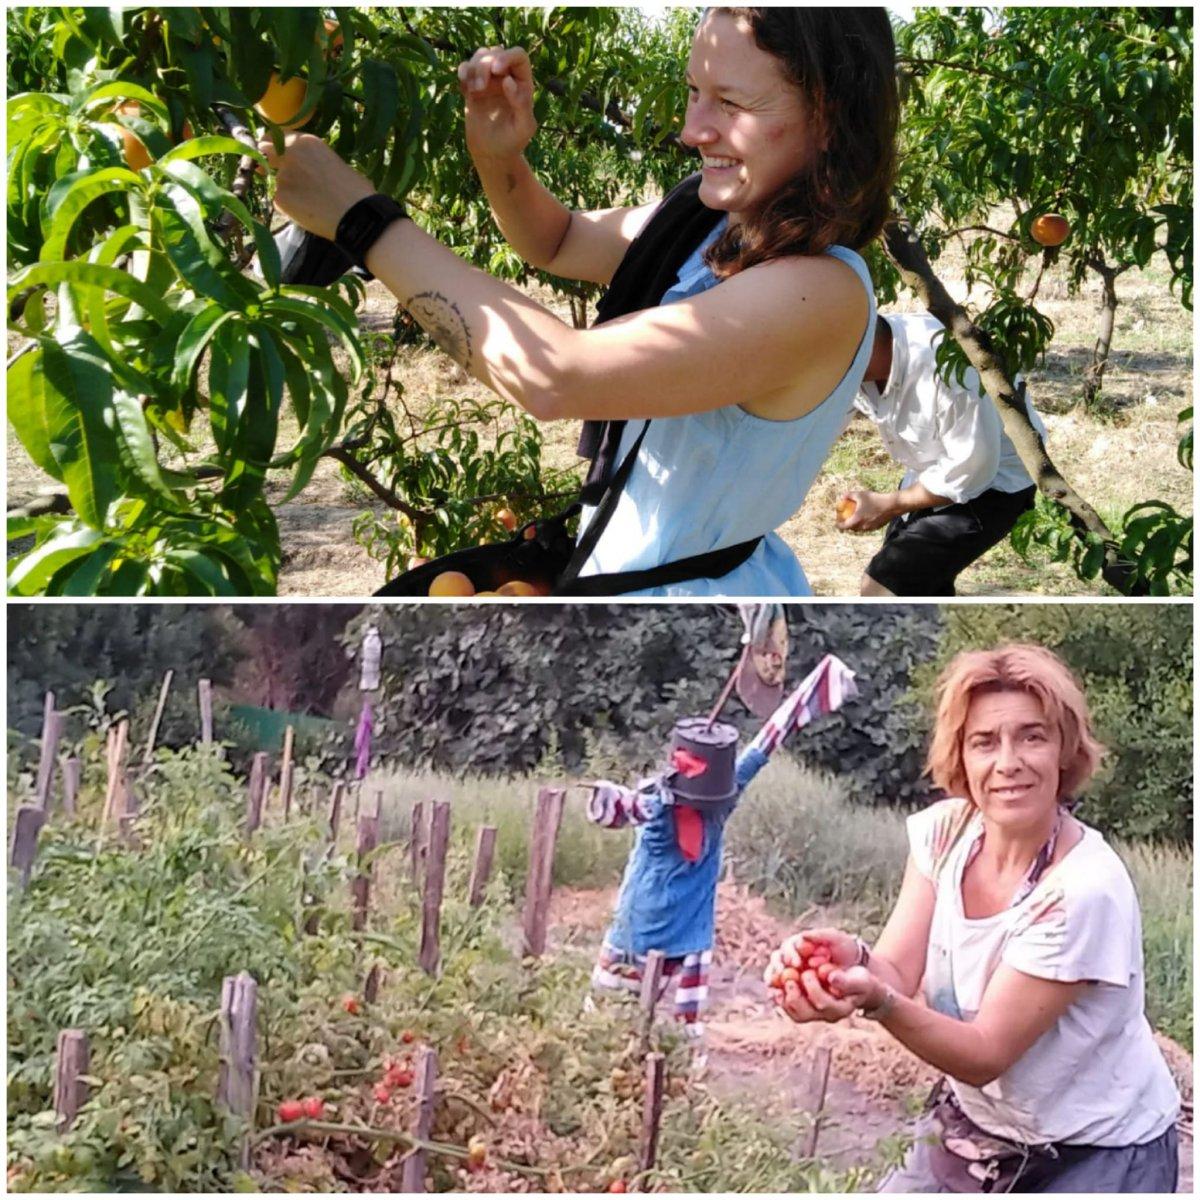 Dos vecinas de Sierra de Gata ponen en marcha una iniciativa para evitar el desperdicio de alimentos